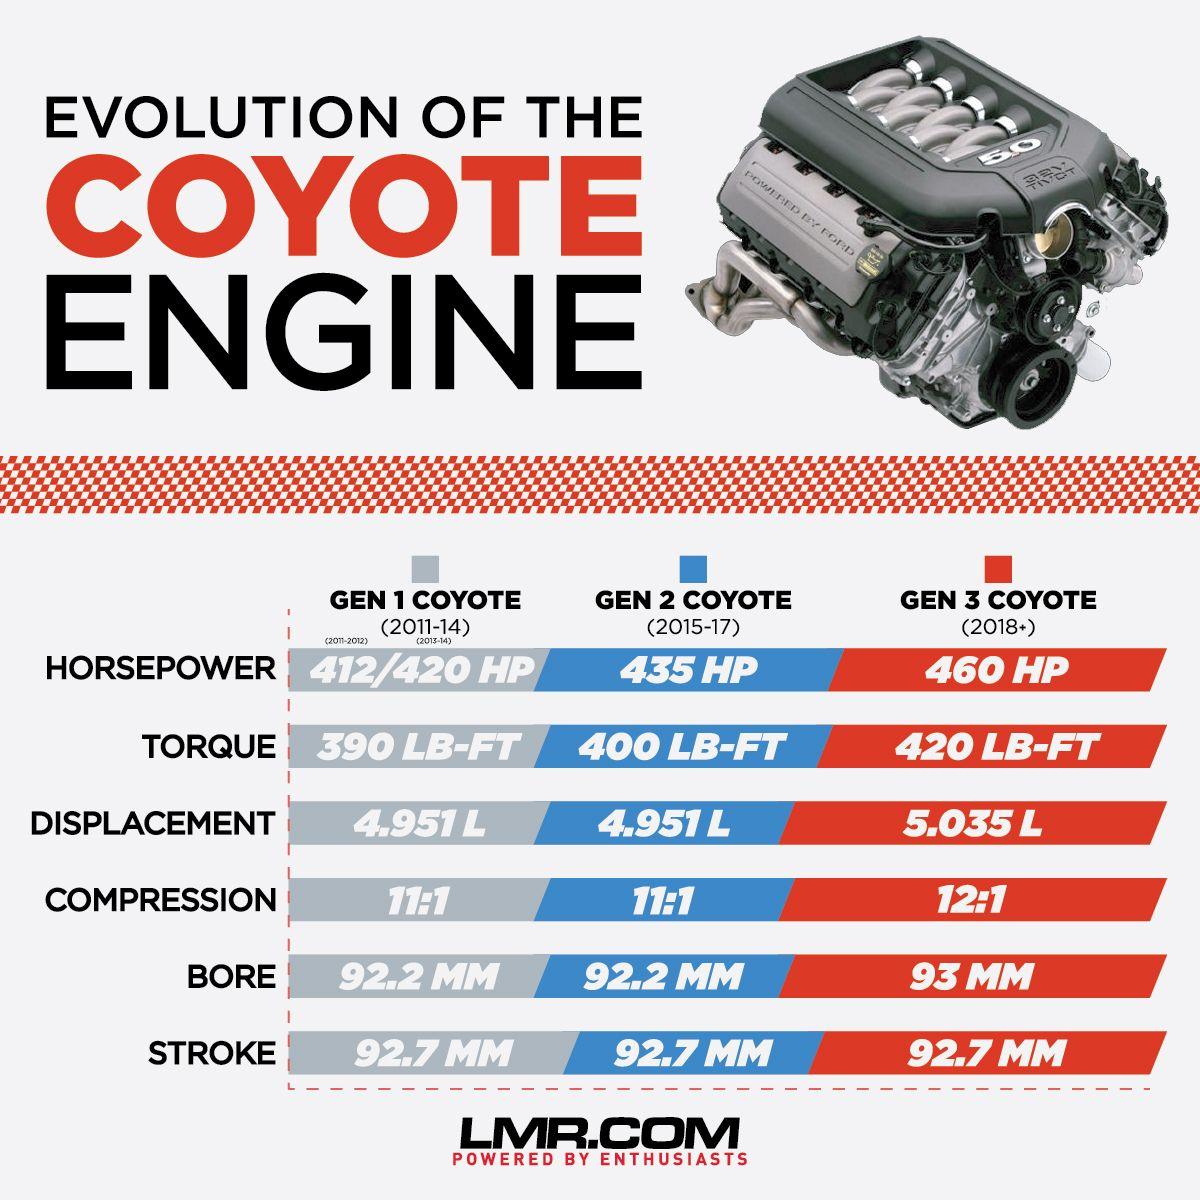 Differences Between Gen 1 Gen 2 Gen 3 Coyote Engines Ford Racing Engines Mustang Engine Engineering